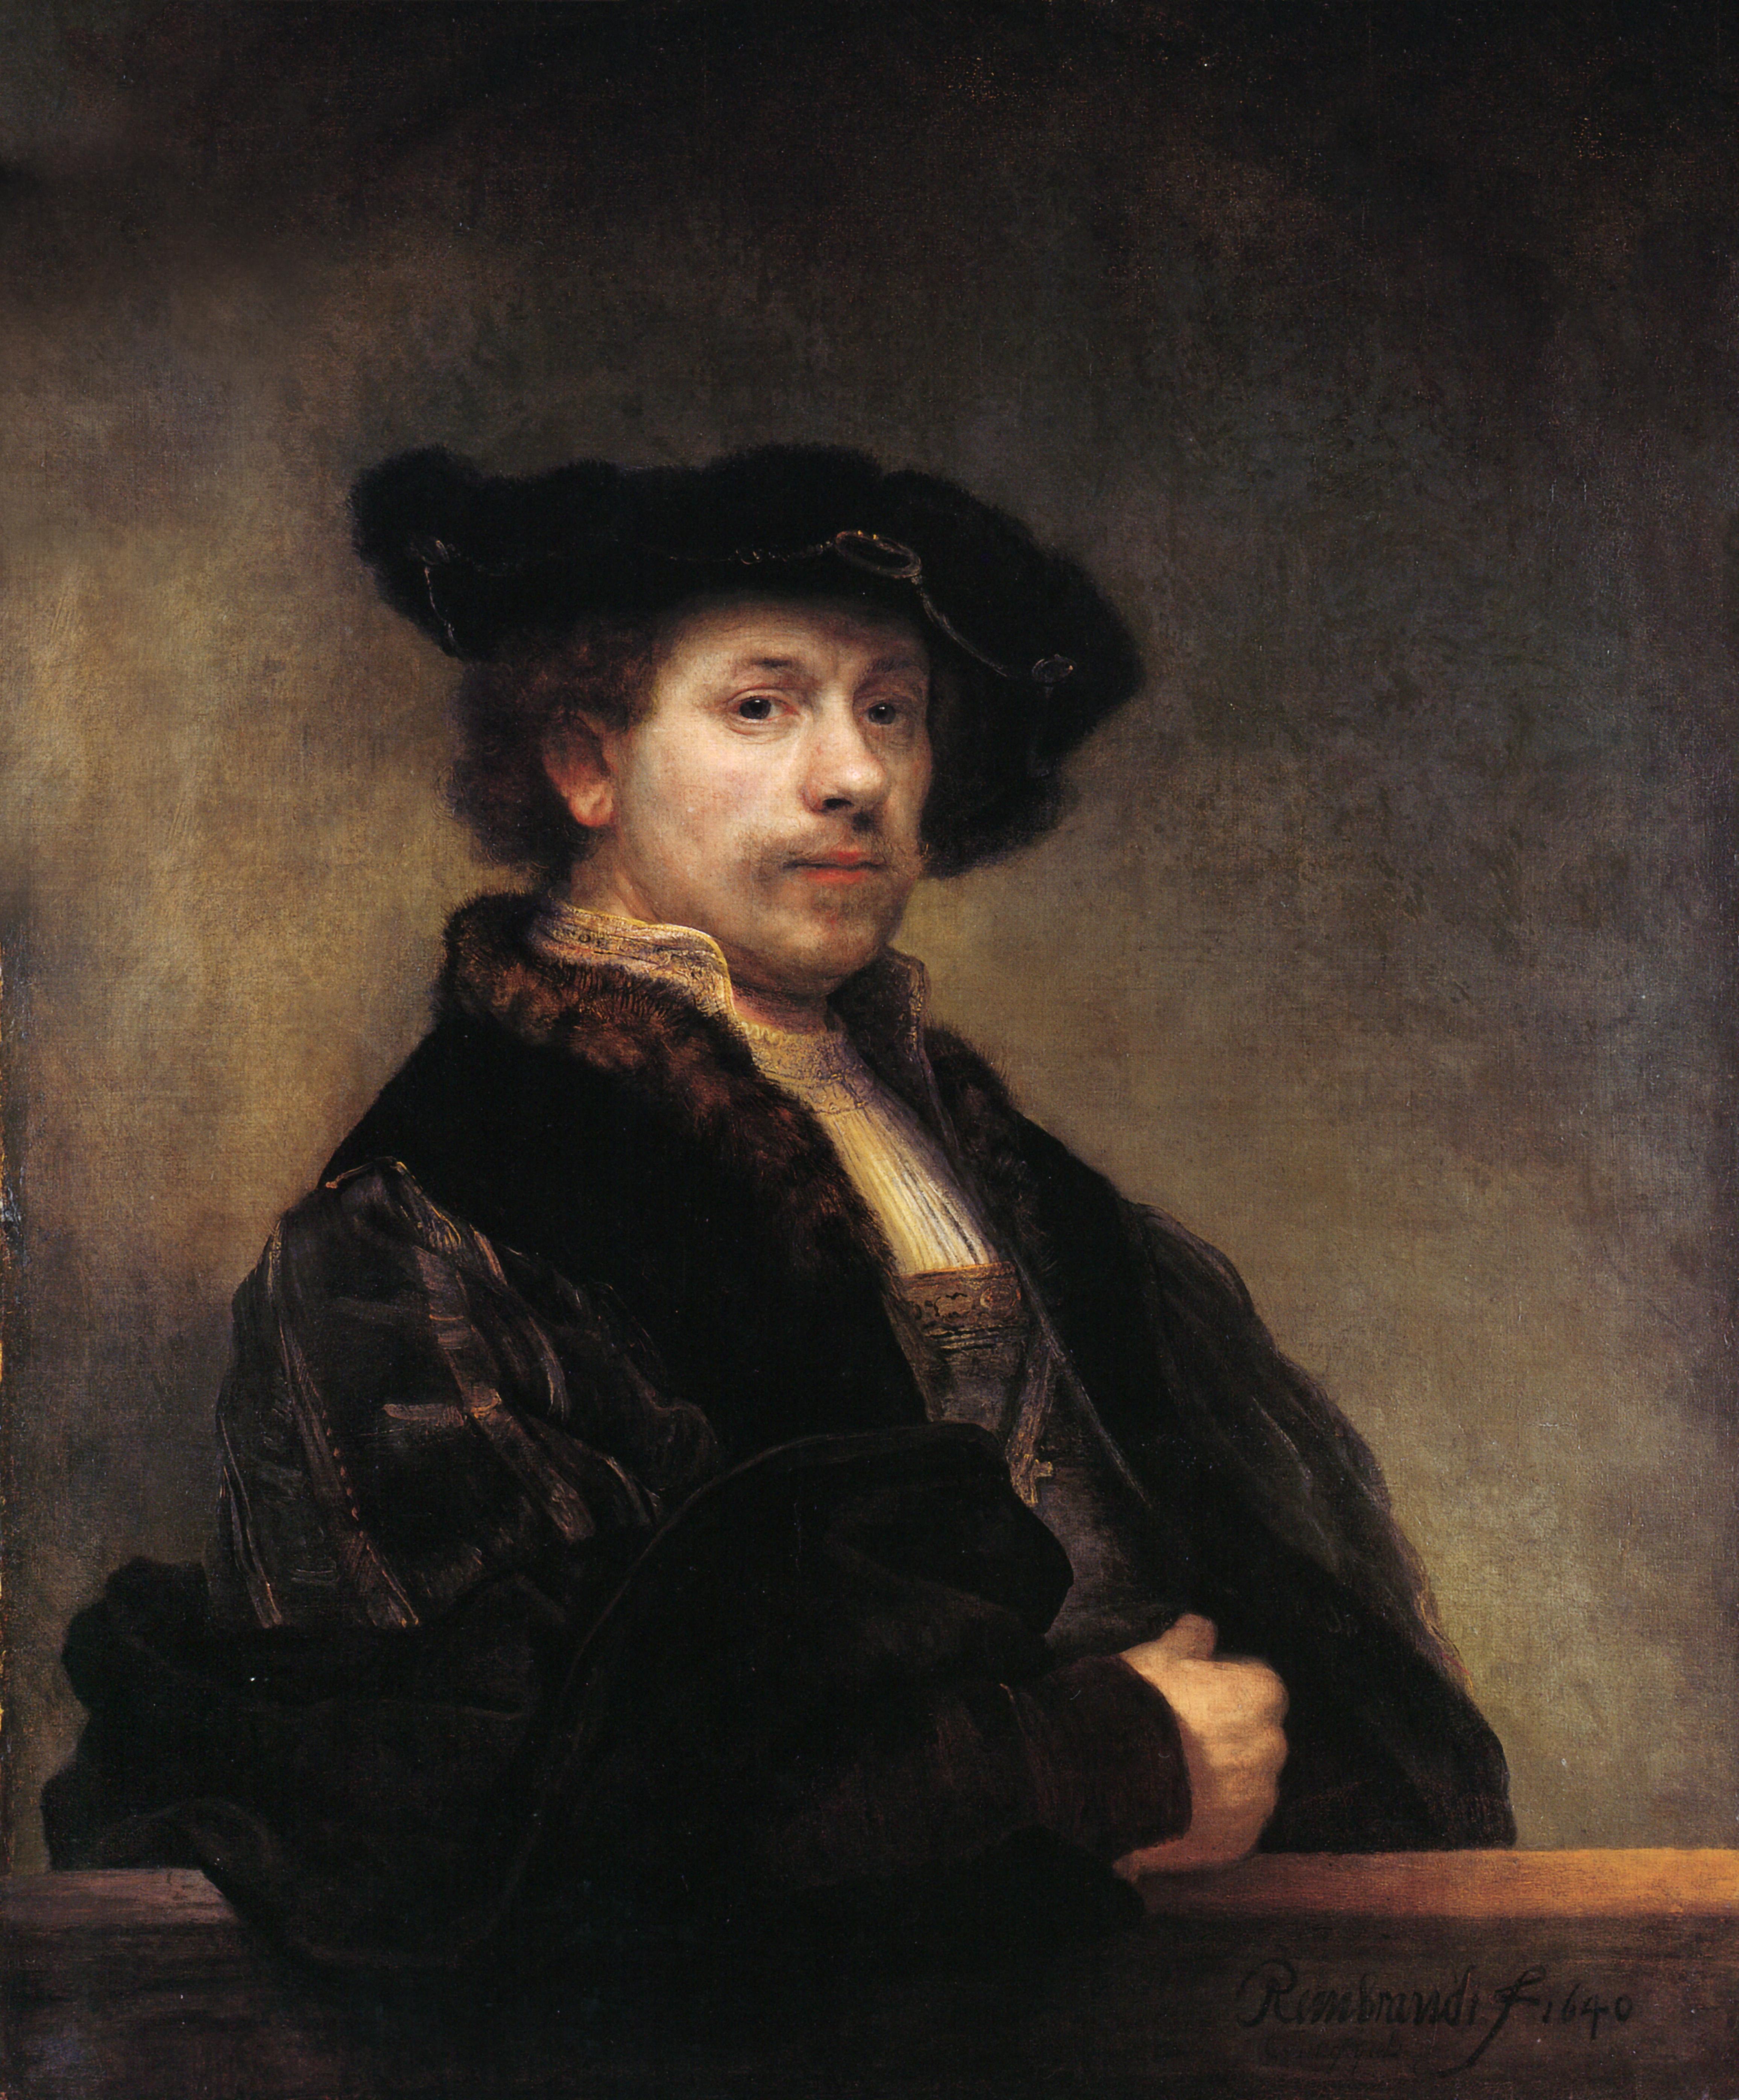 出典 upload.wikimedia.org. レンブラントの自画像